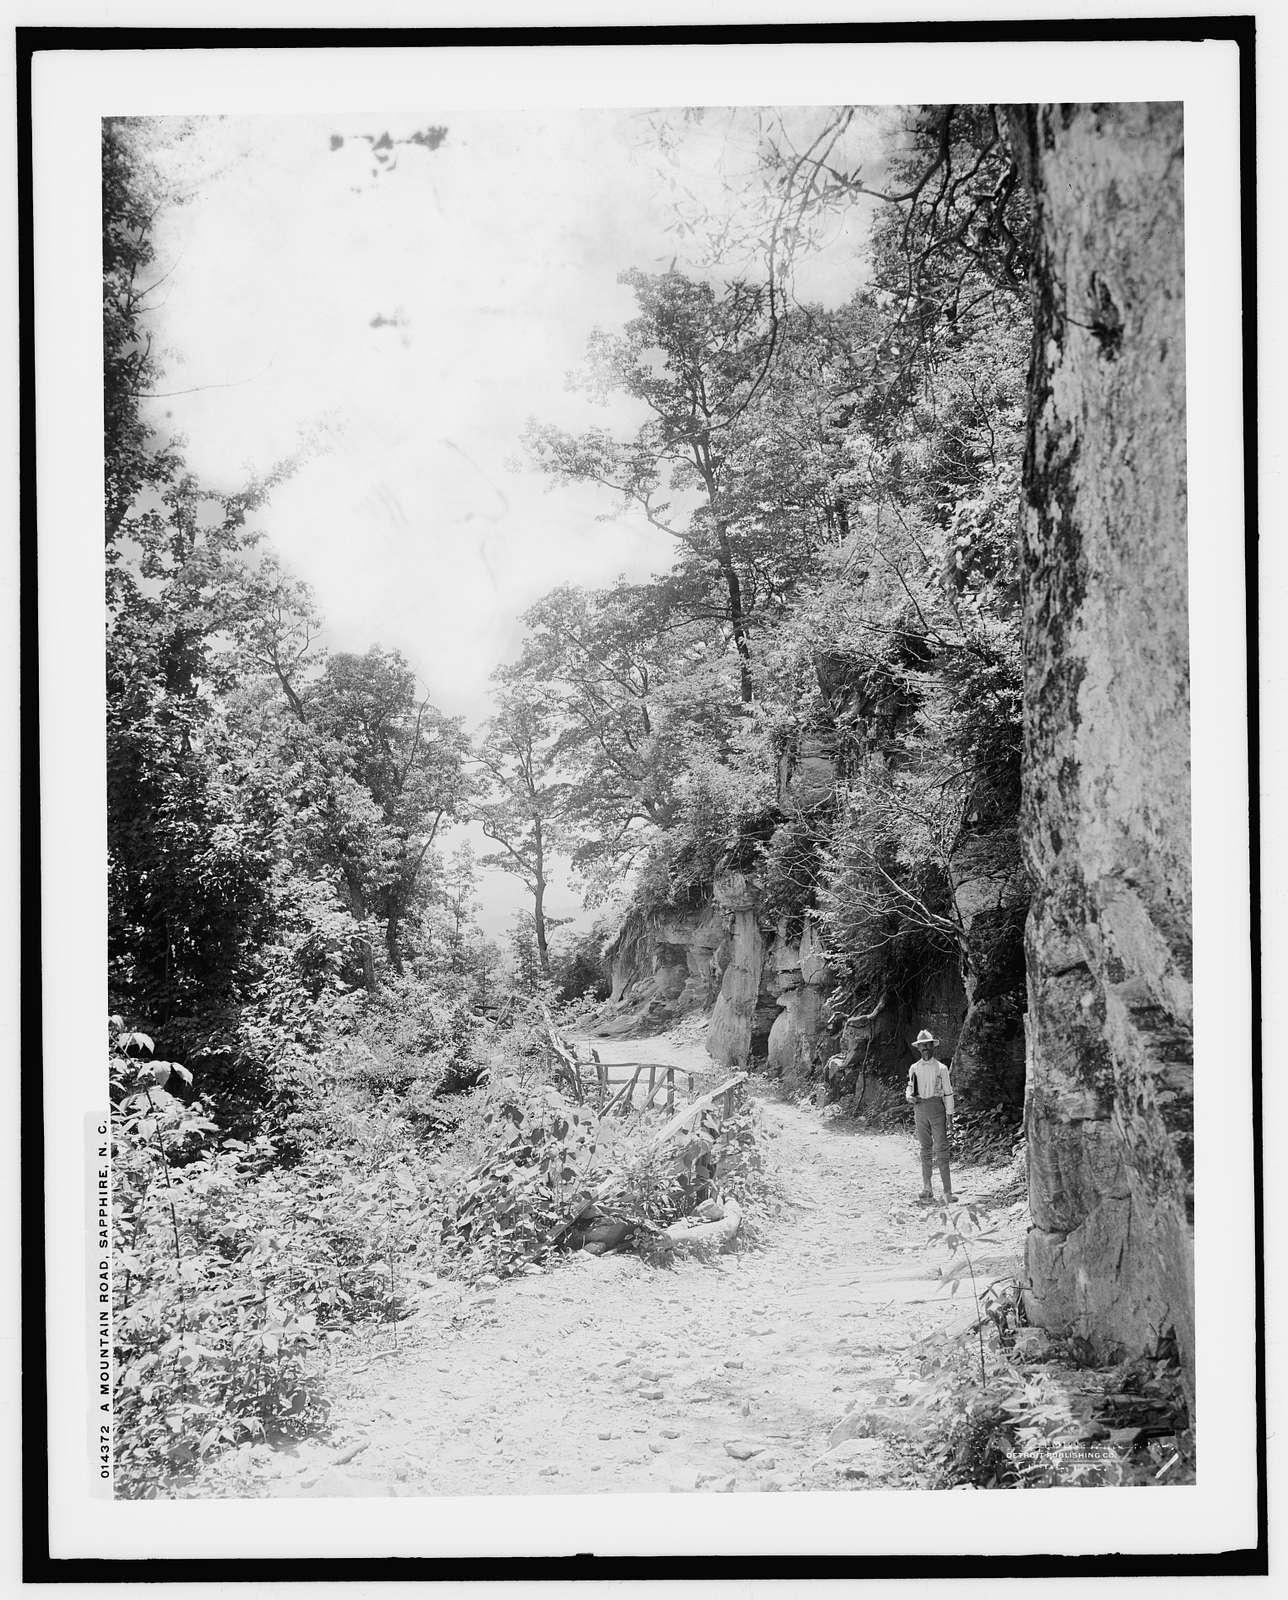 A mountain road, Sapphire, N.C